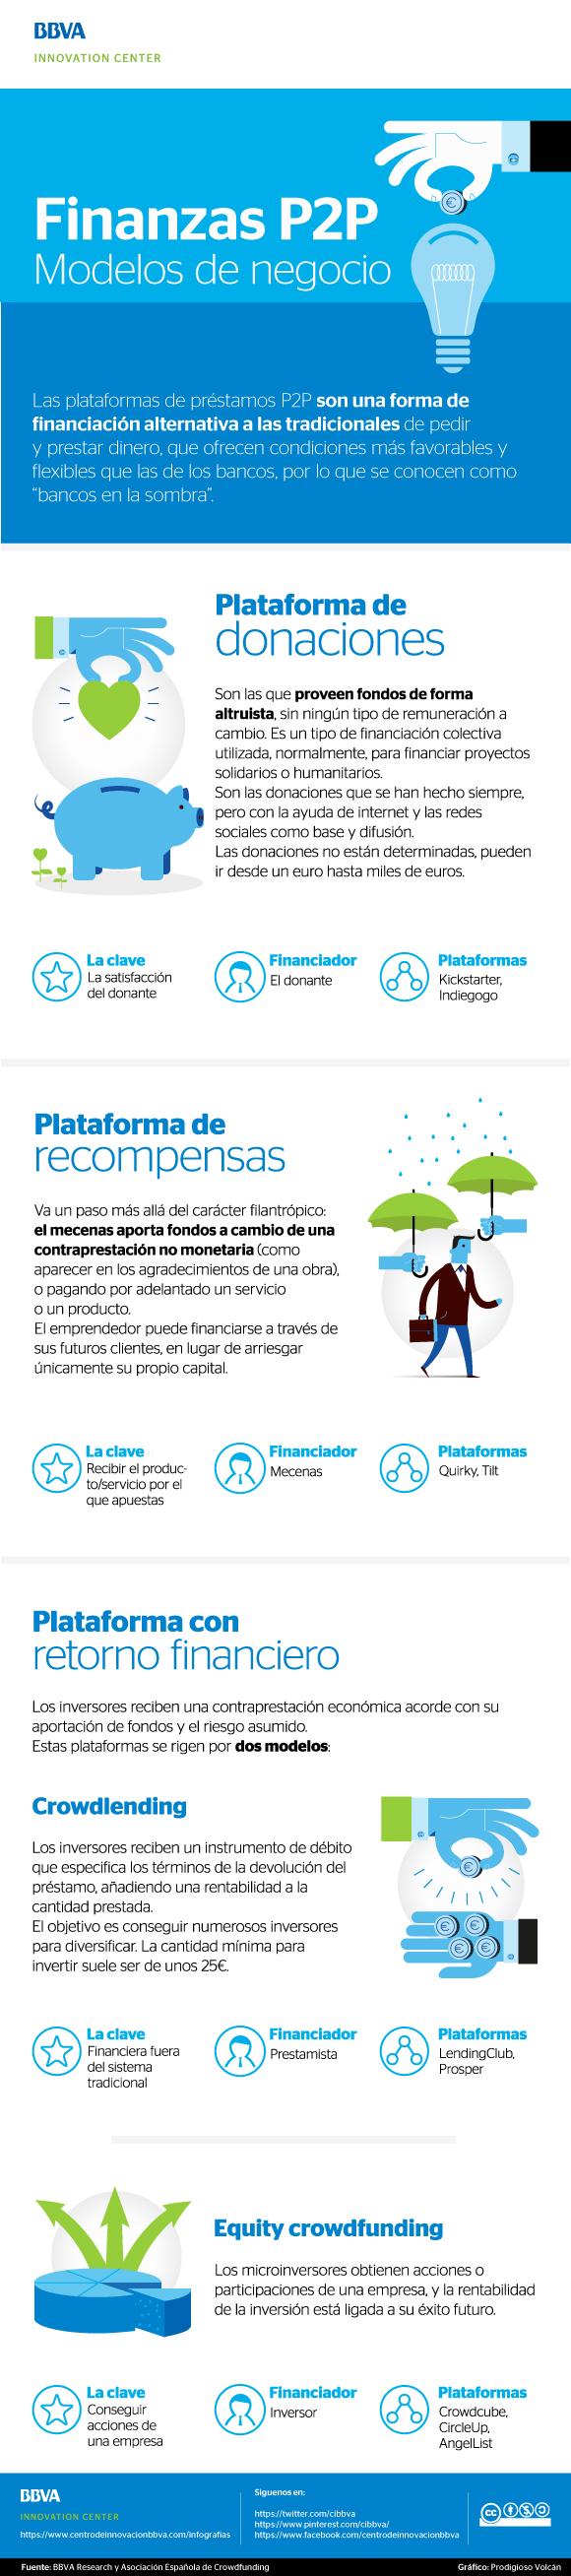 Finanzas P2P: Crowdfunding y más